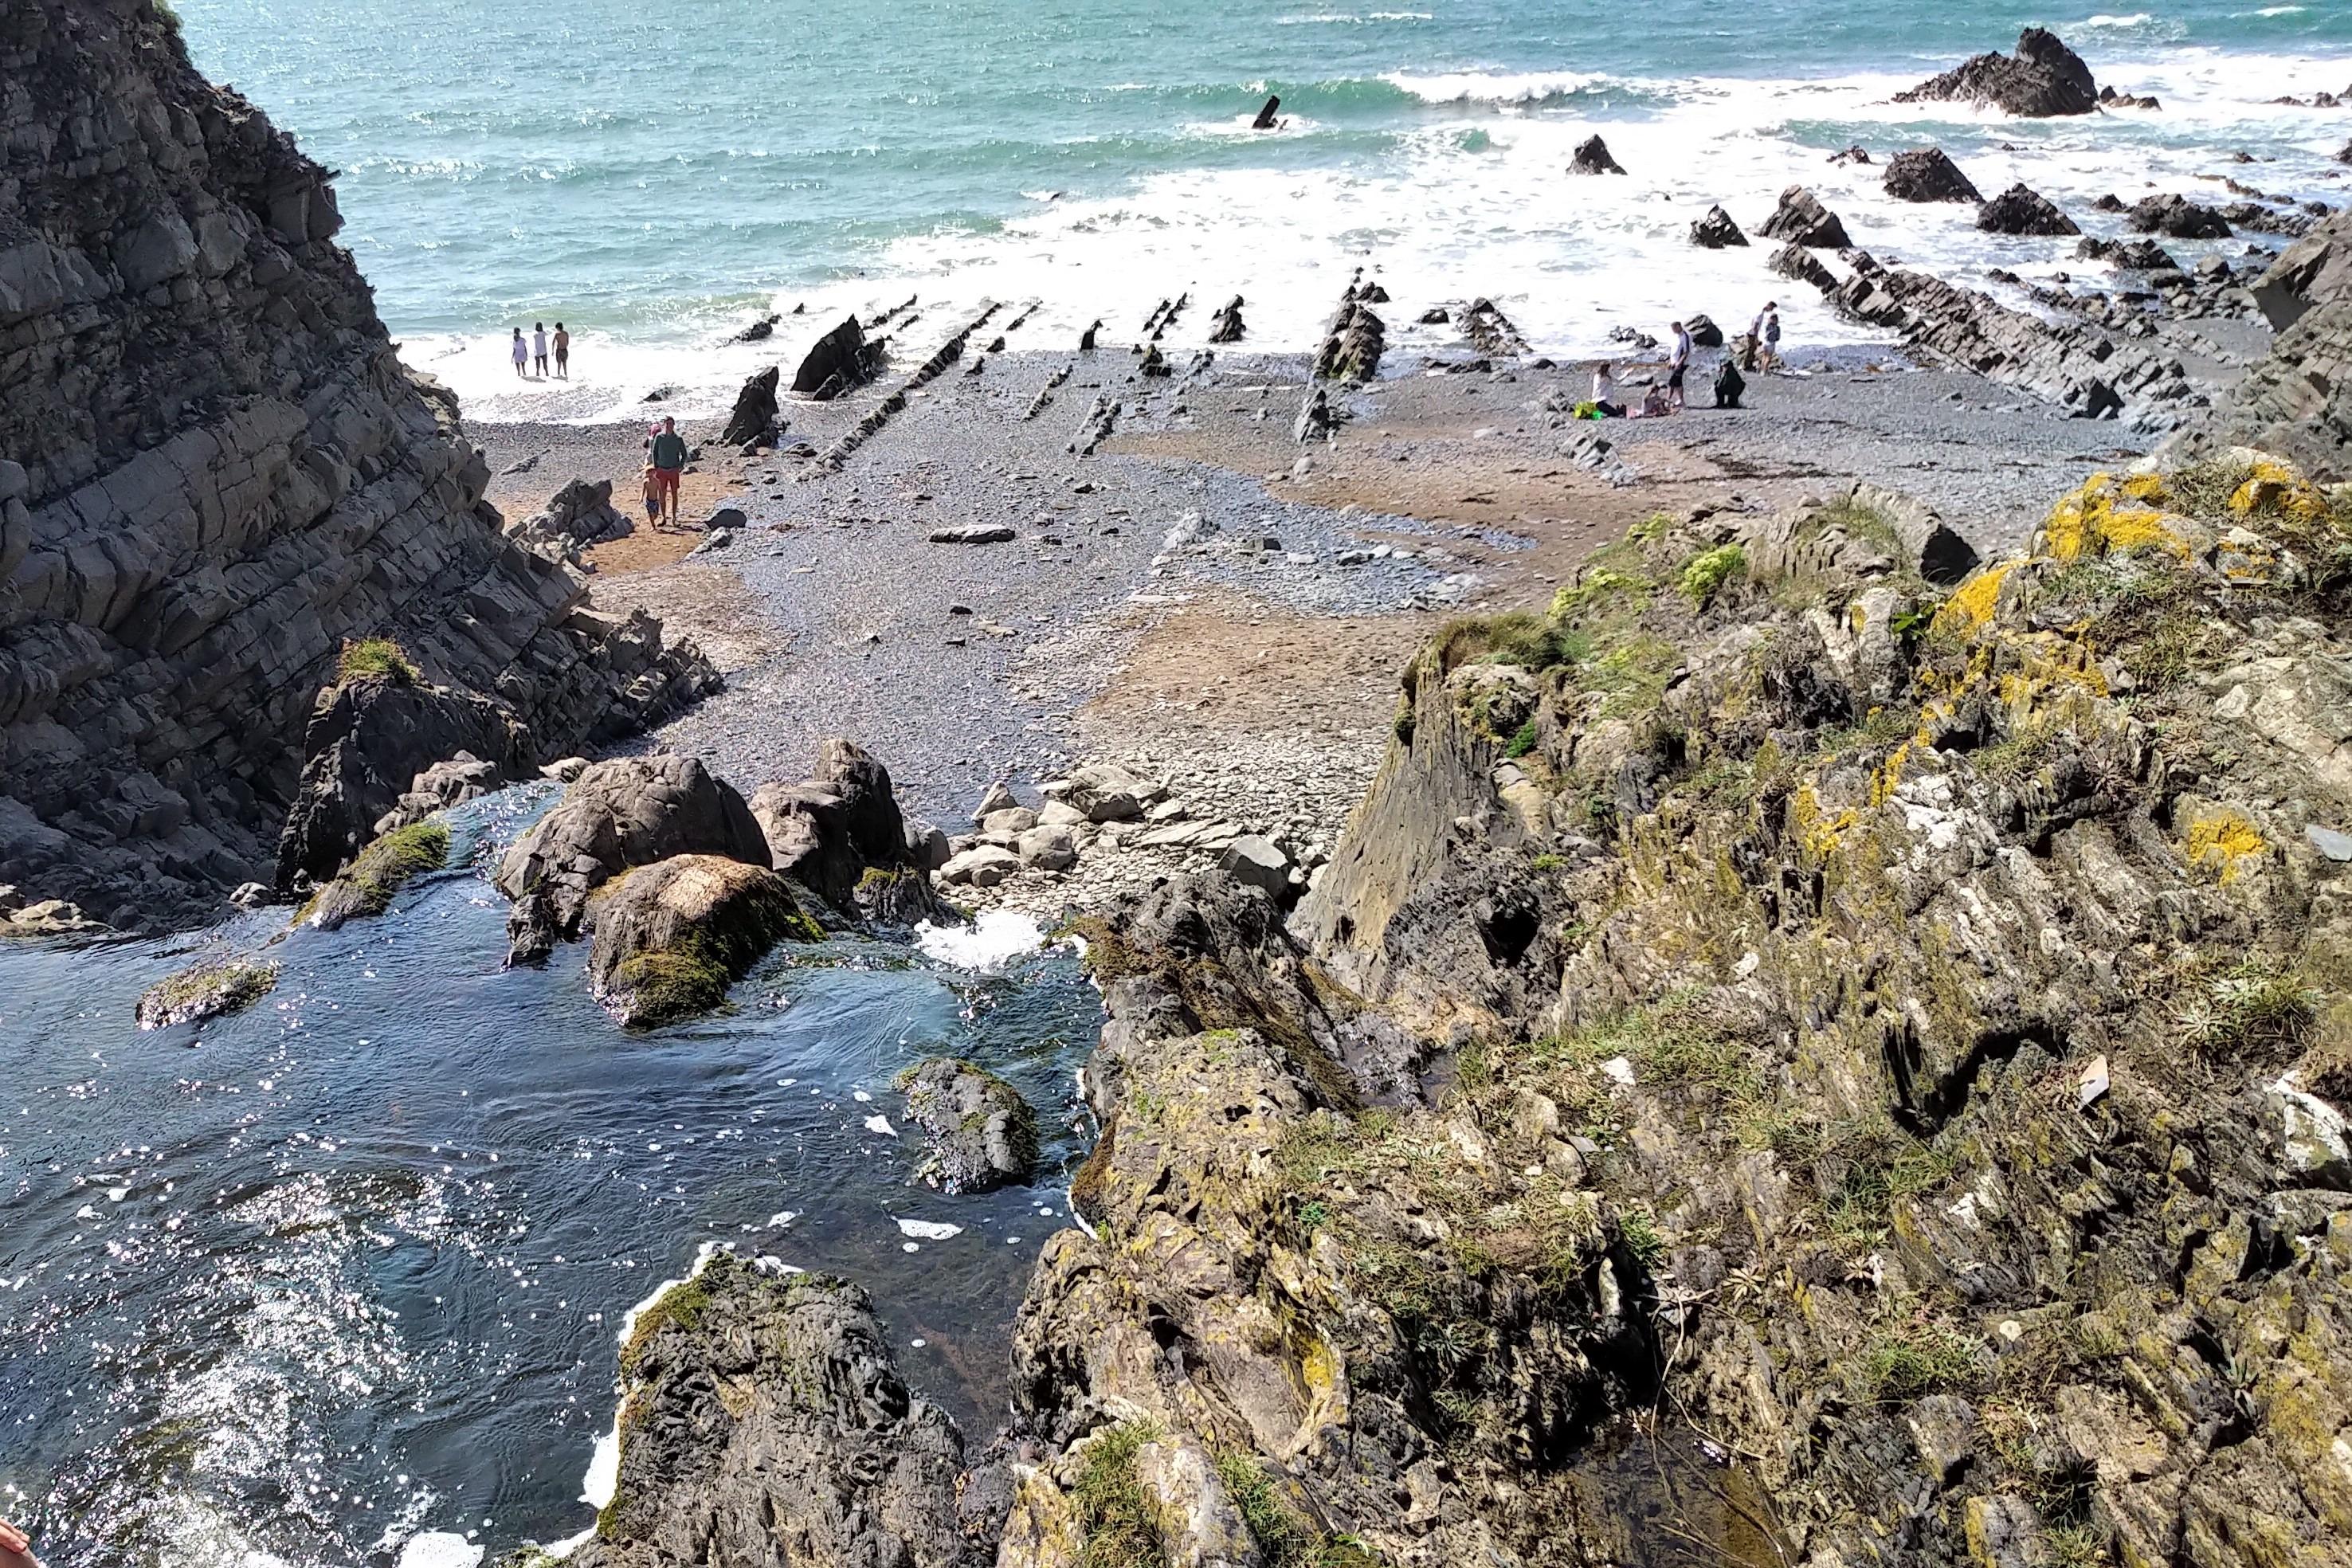 イギリスの浜辺 UK sightseeing rocky coastline